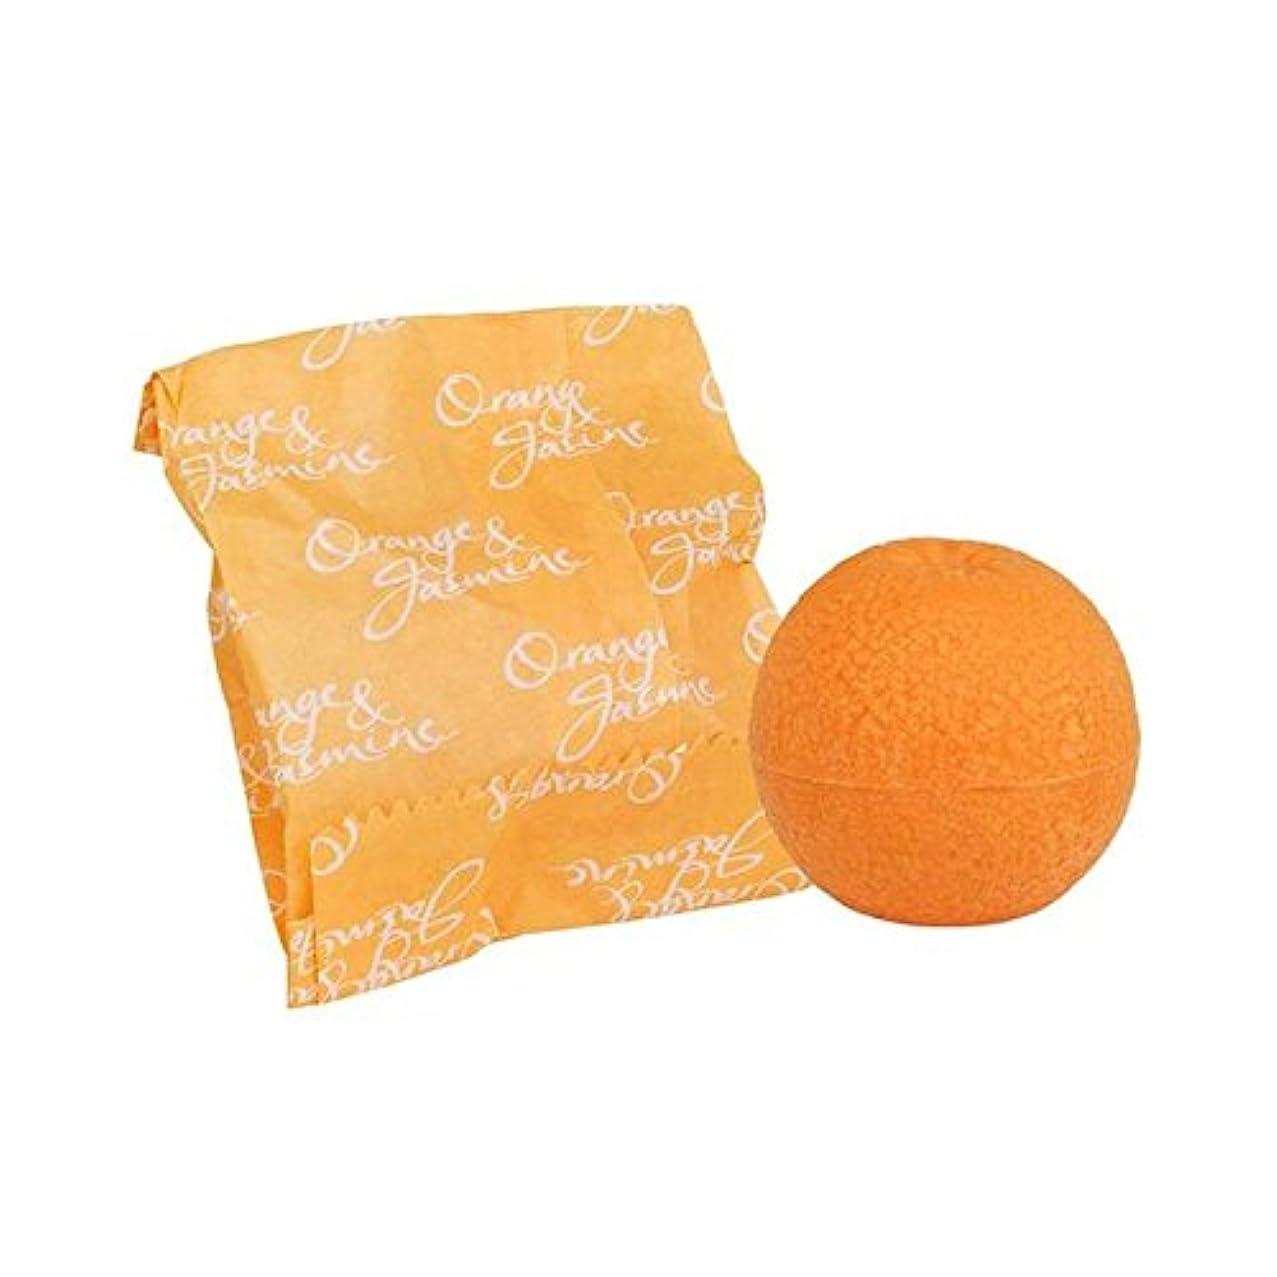 引き付ける酔った着飾るオレンジ&ジャスミン石鹸100グラム x2 - Bronnley Orange & Jasmine Soap 100g (Pack of 2) [並行輸入品]